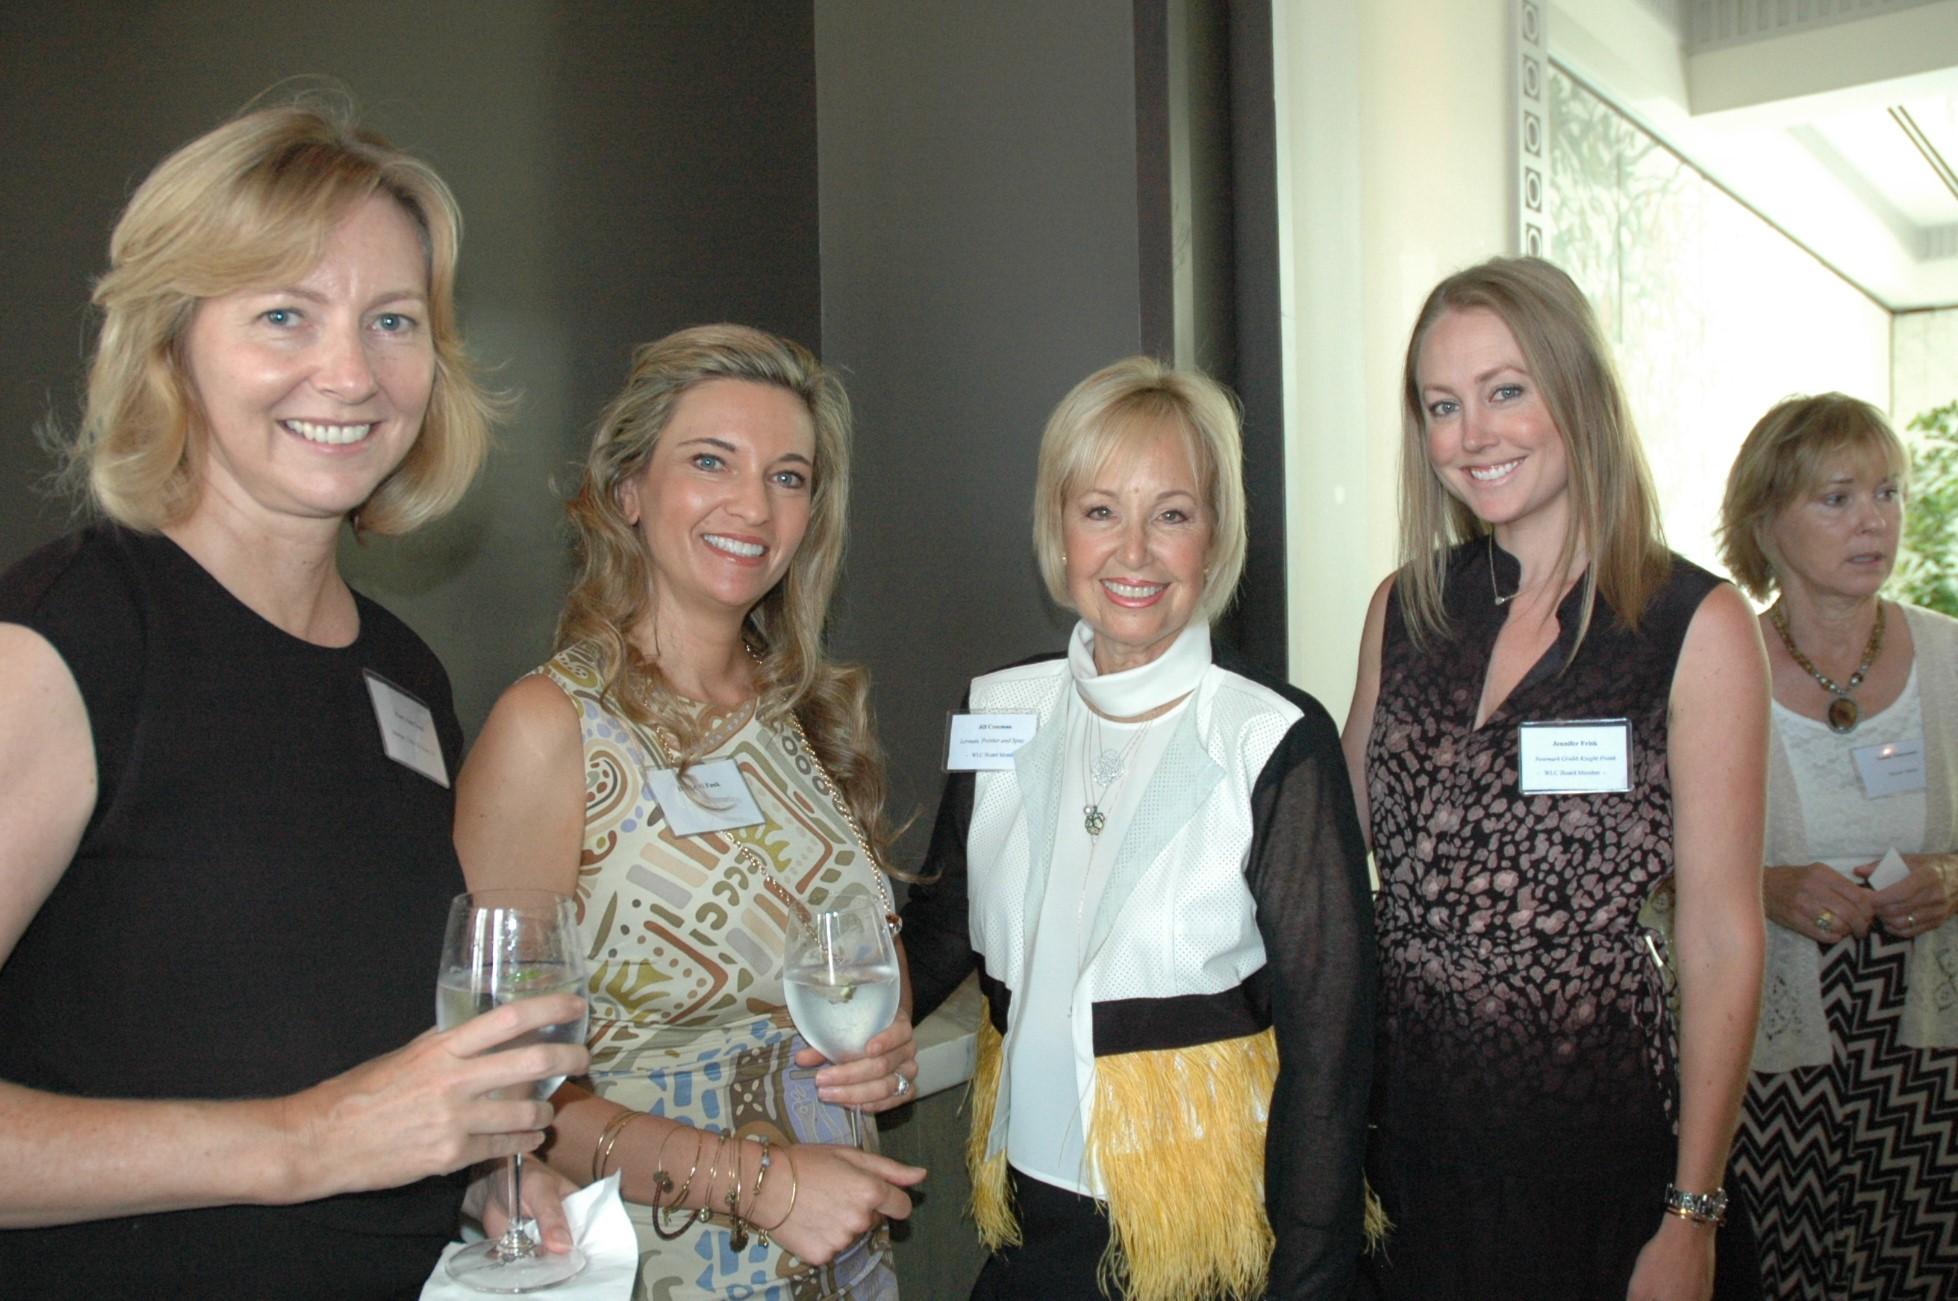 Mary Ann Todd, Dr. Kristi Funk, Jill Cossman, Jennifer Frisk